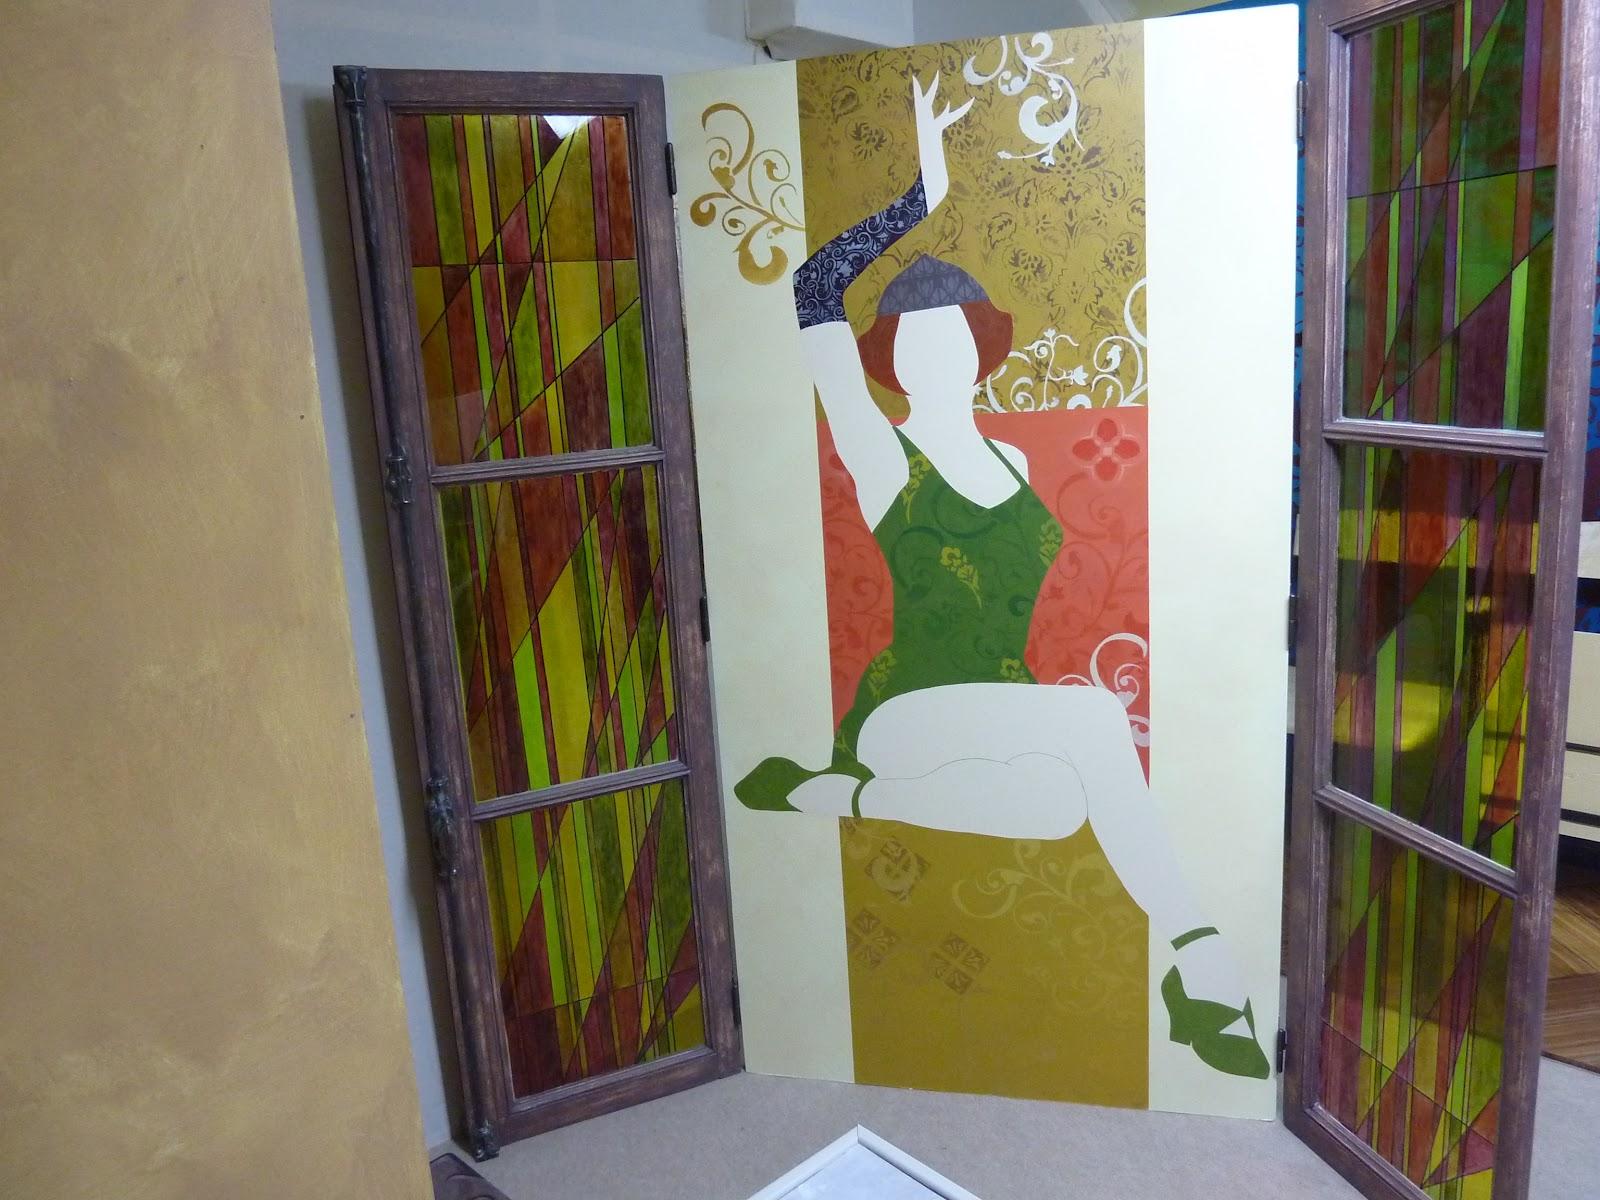 Paravent fen tre peinture sur verre patine peinture for Peinture sur fenetre